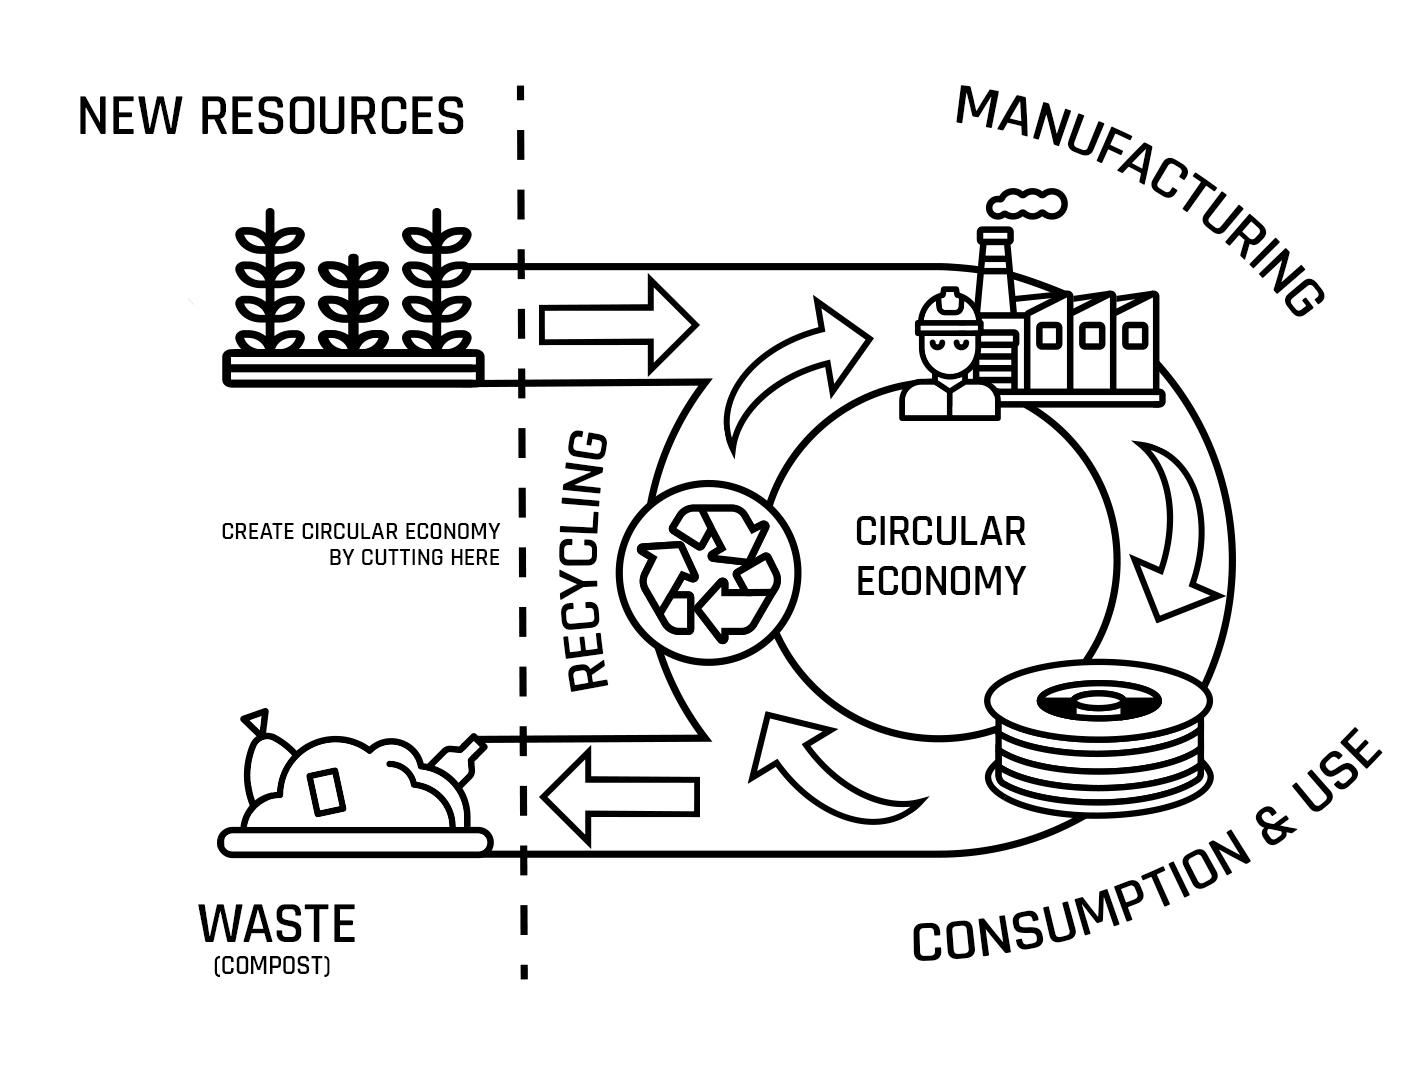 The principle of a circular economy. Image via Fillamentum.